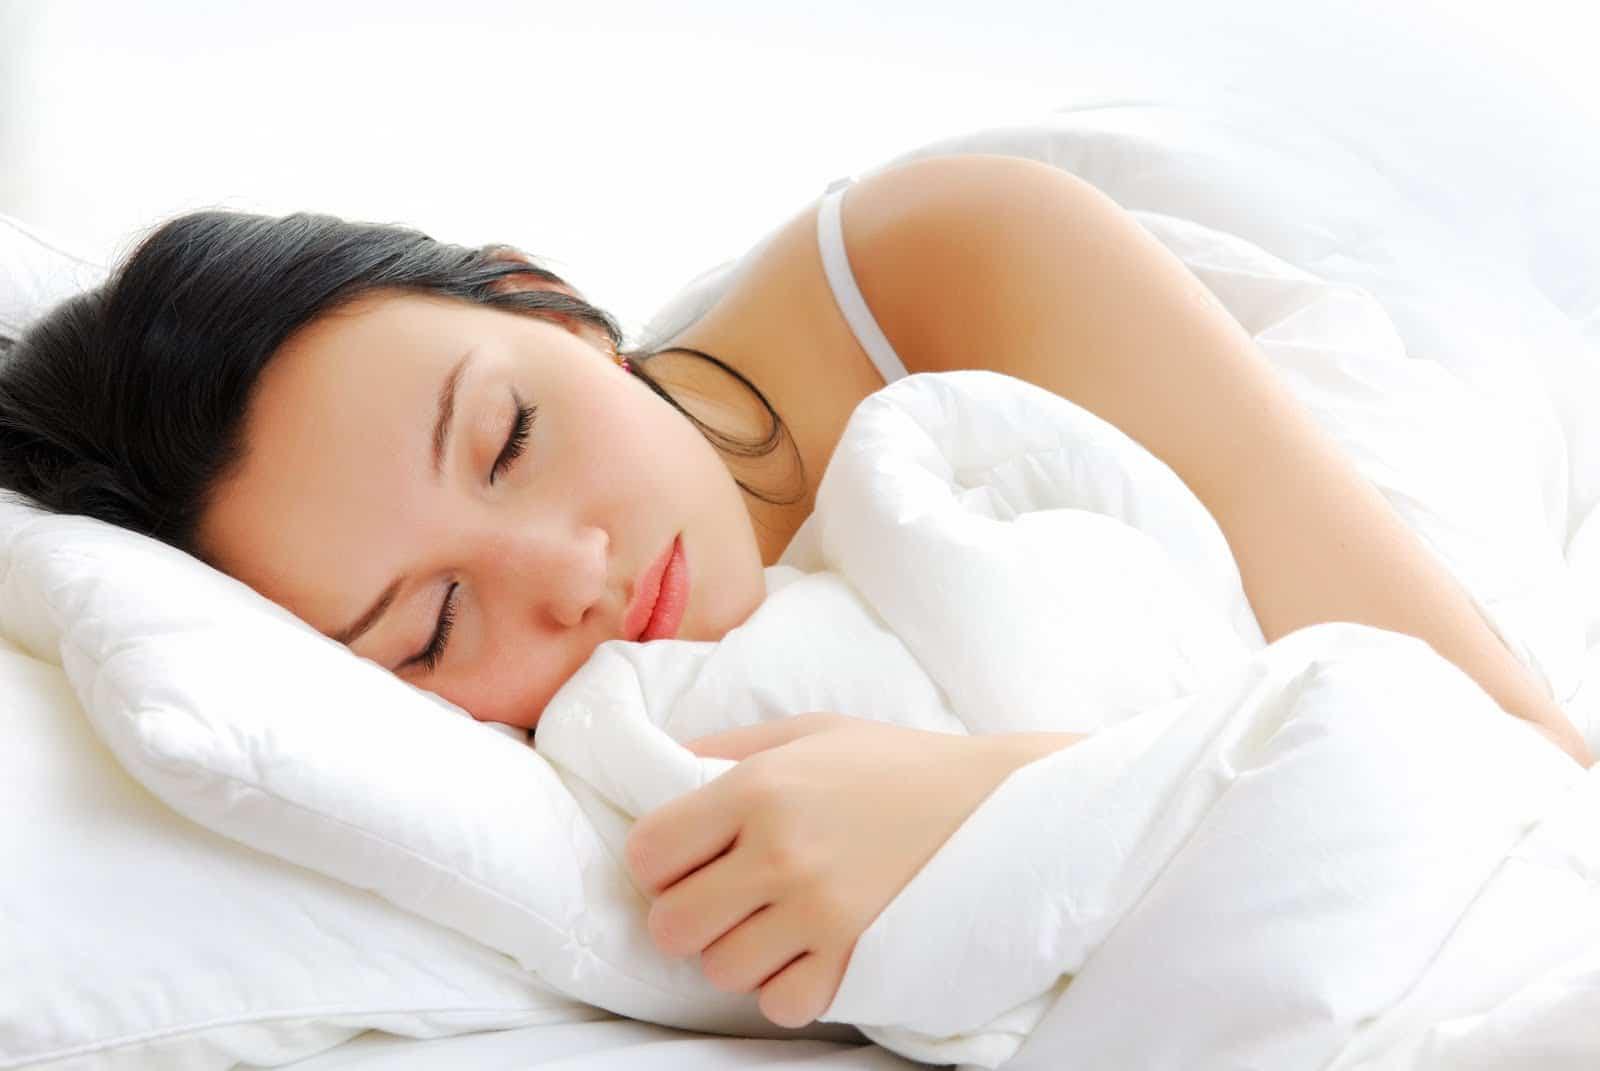 mujer durmiendo - COMO PREPARAR UN BUEN BAÑO RELAJANTE.